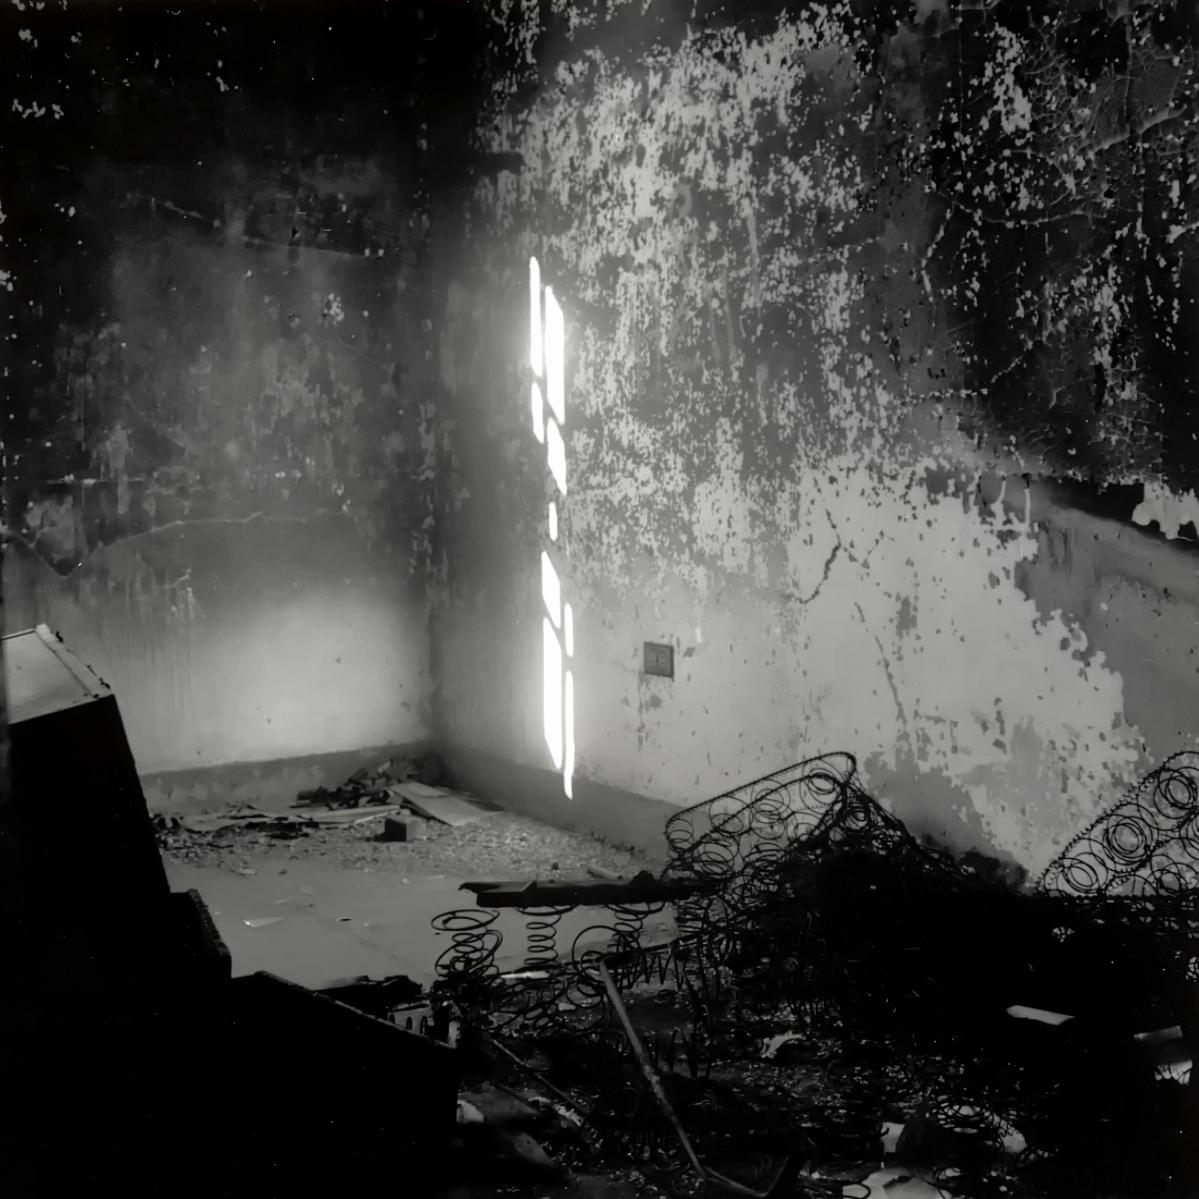 essex mountain sanatorium-22